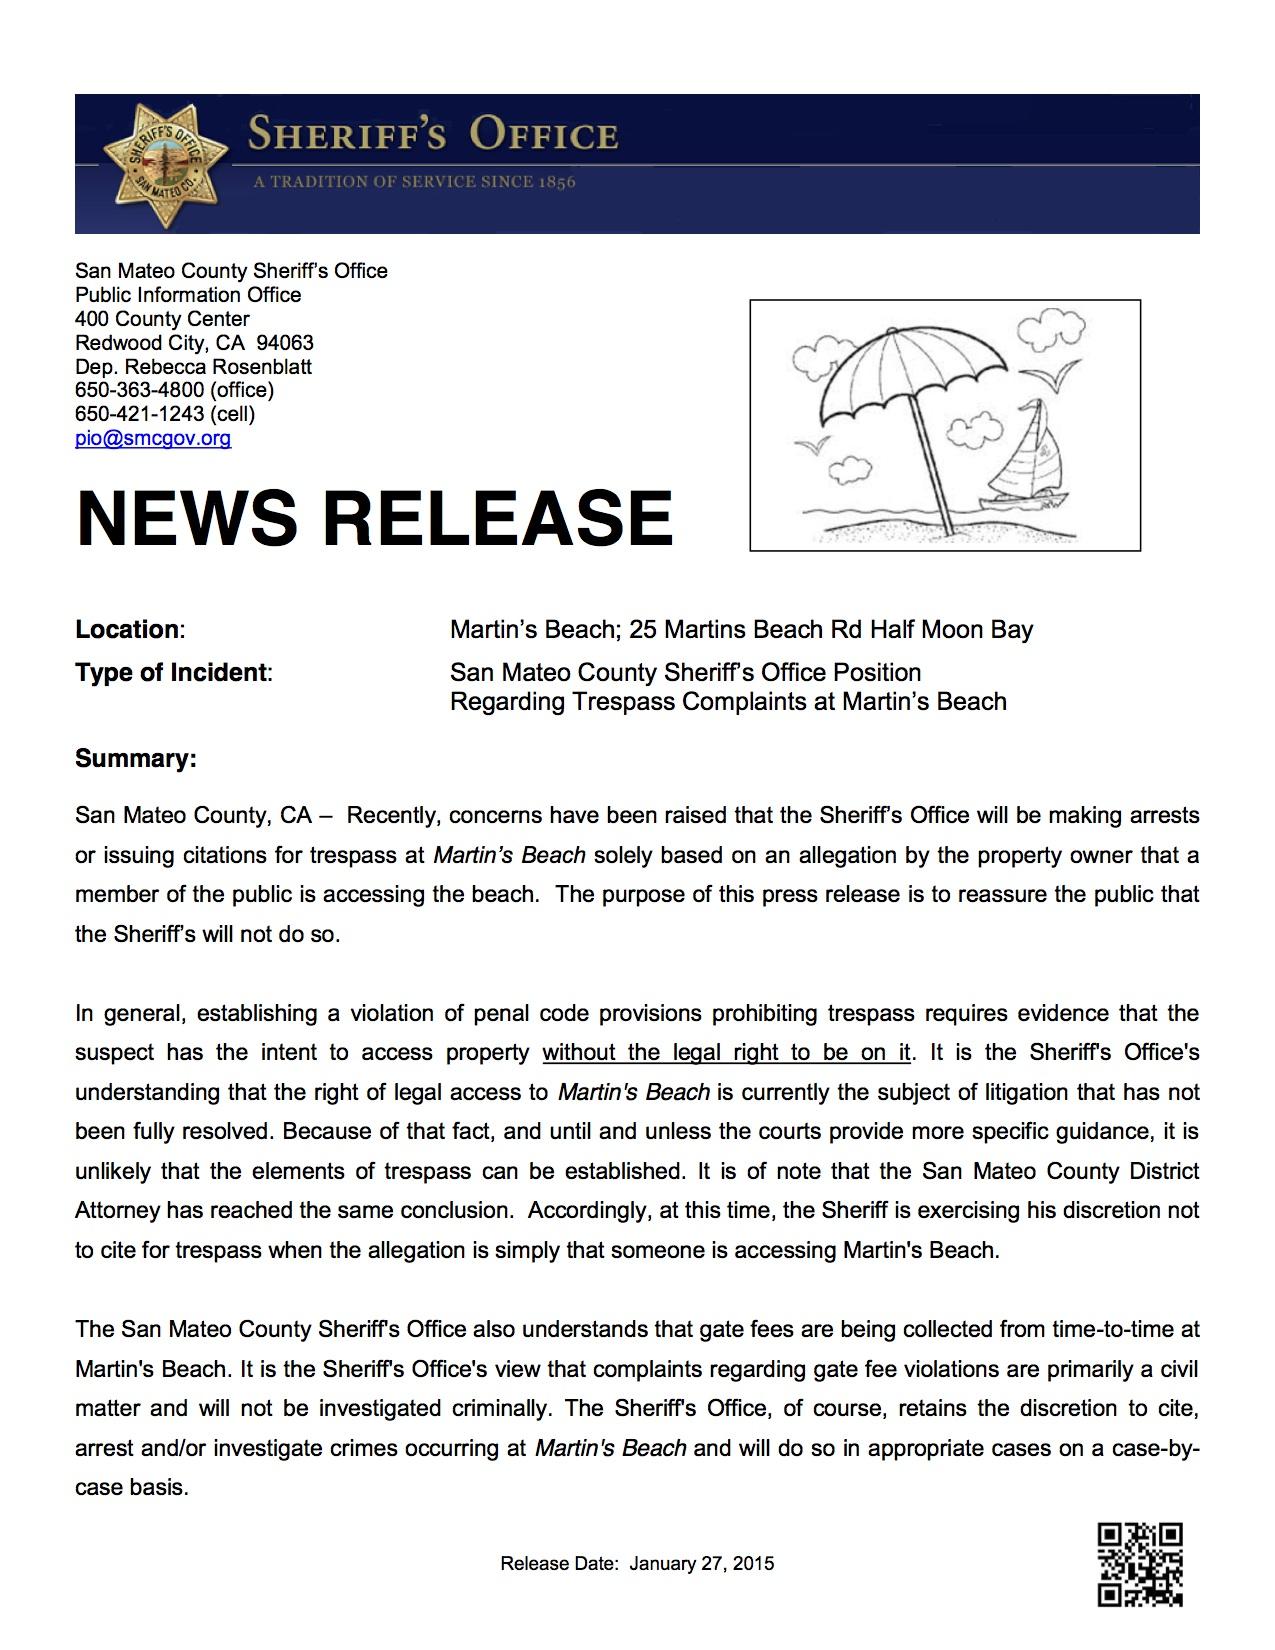 01-27-2015 SMSO Protocol Regarding Martins Beach